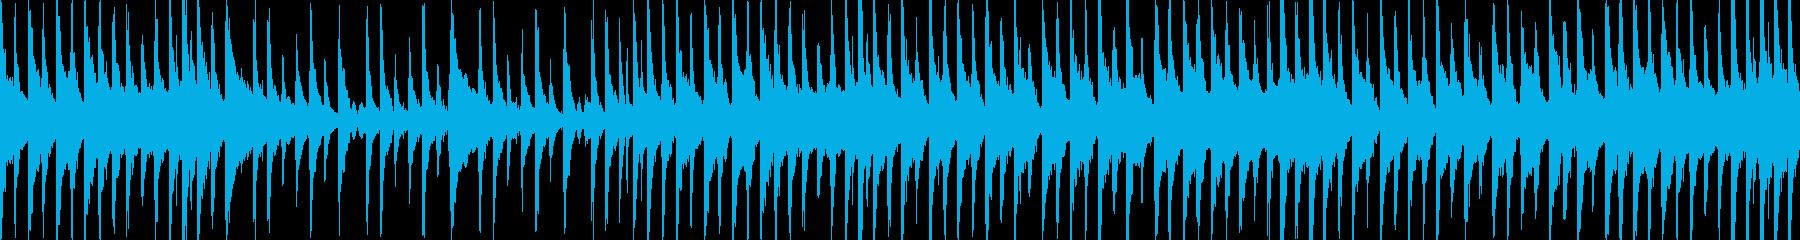 ウクレレ、アコースティックギター、...の再生済みの波形